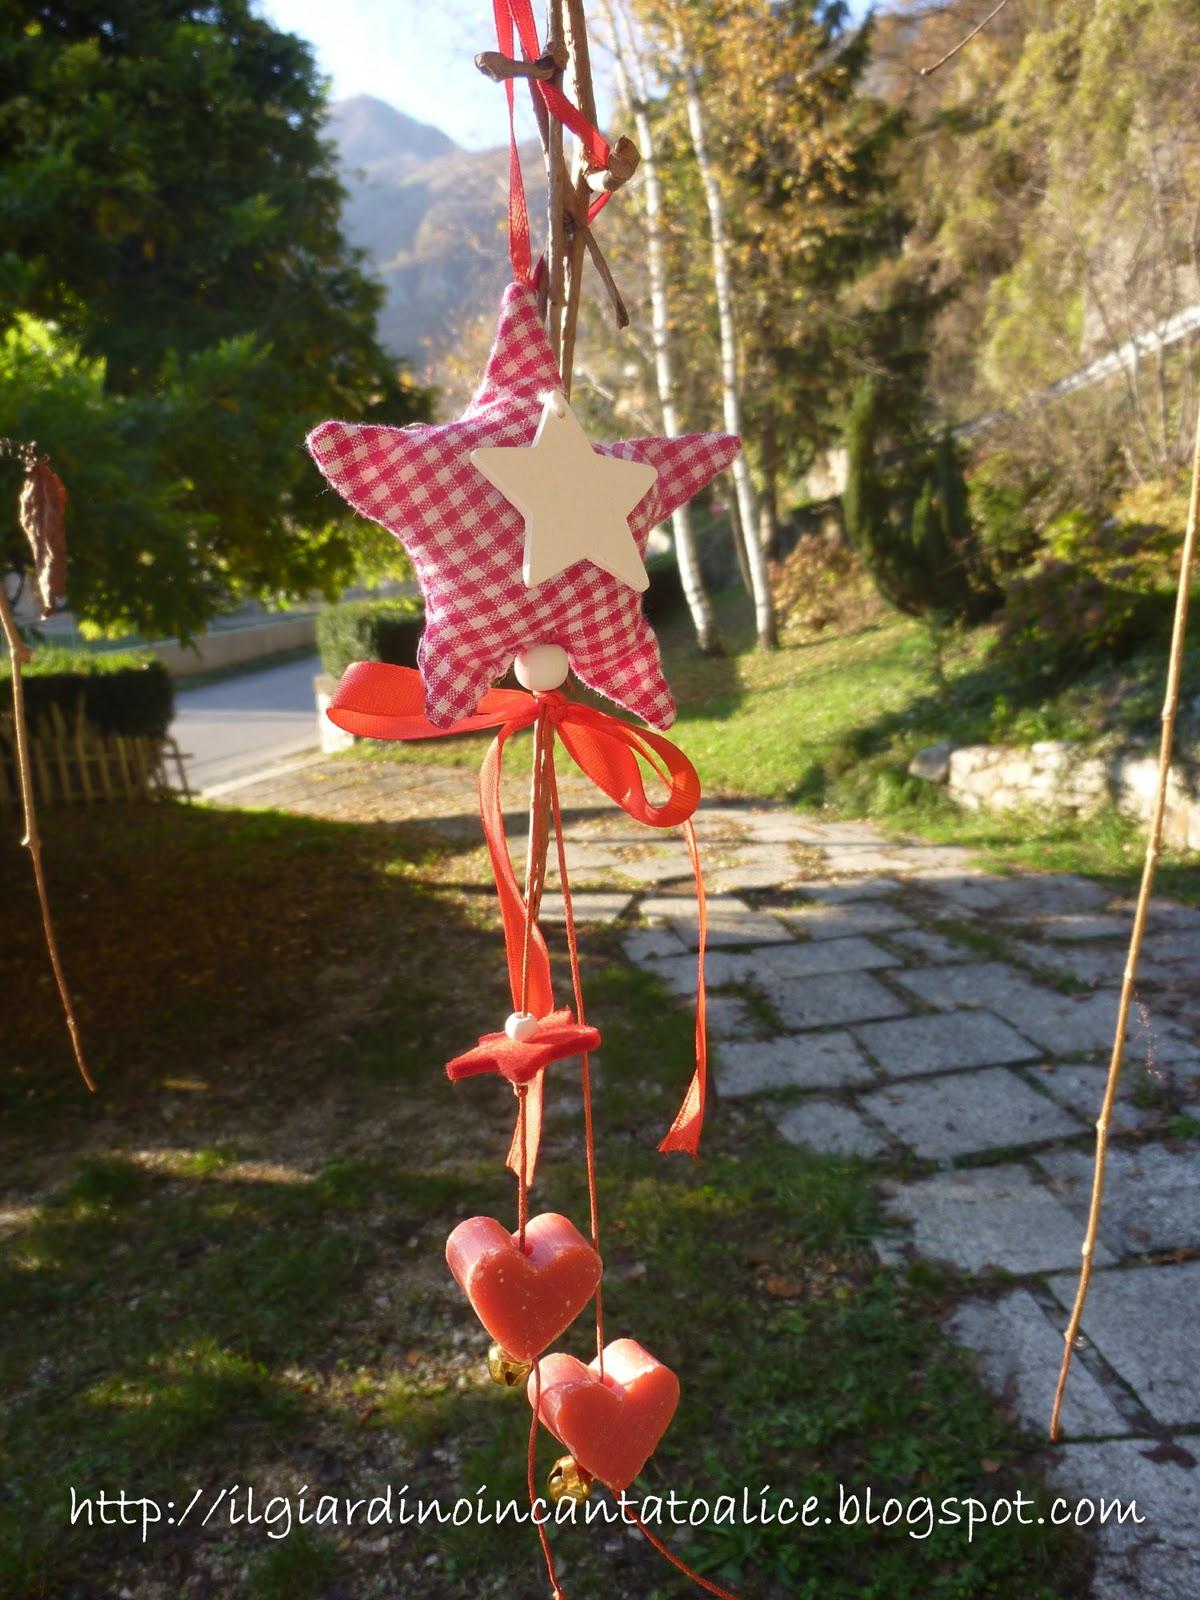 Il giardino incantato di alice un insolito arbre magique - Il giardino di alice ...